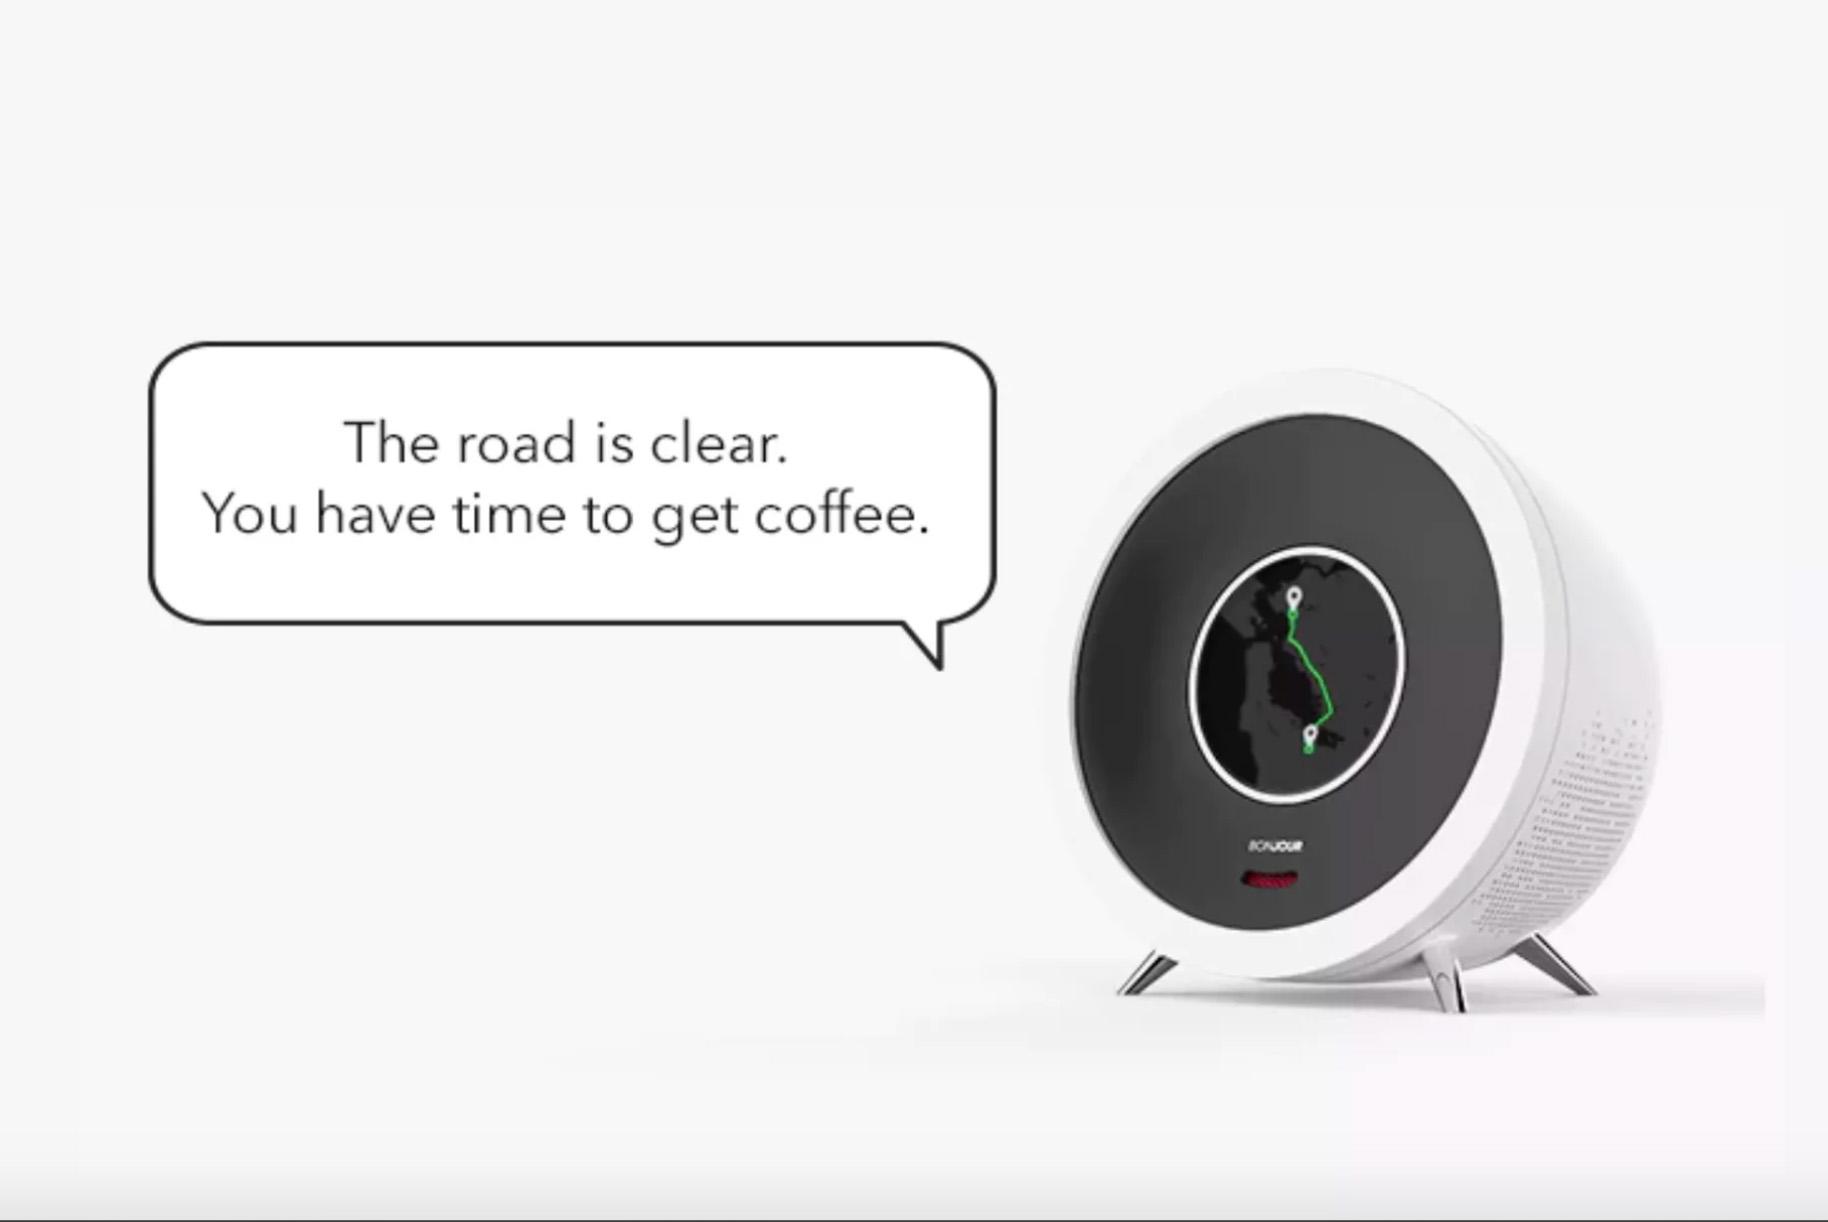 Công ty sản xuất đồng hồ báo thức sử dụng trí tuệ nhân tạo vừa gây quỹ được 1 triệu USD đã phá sản